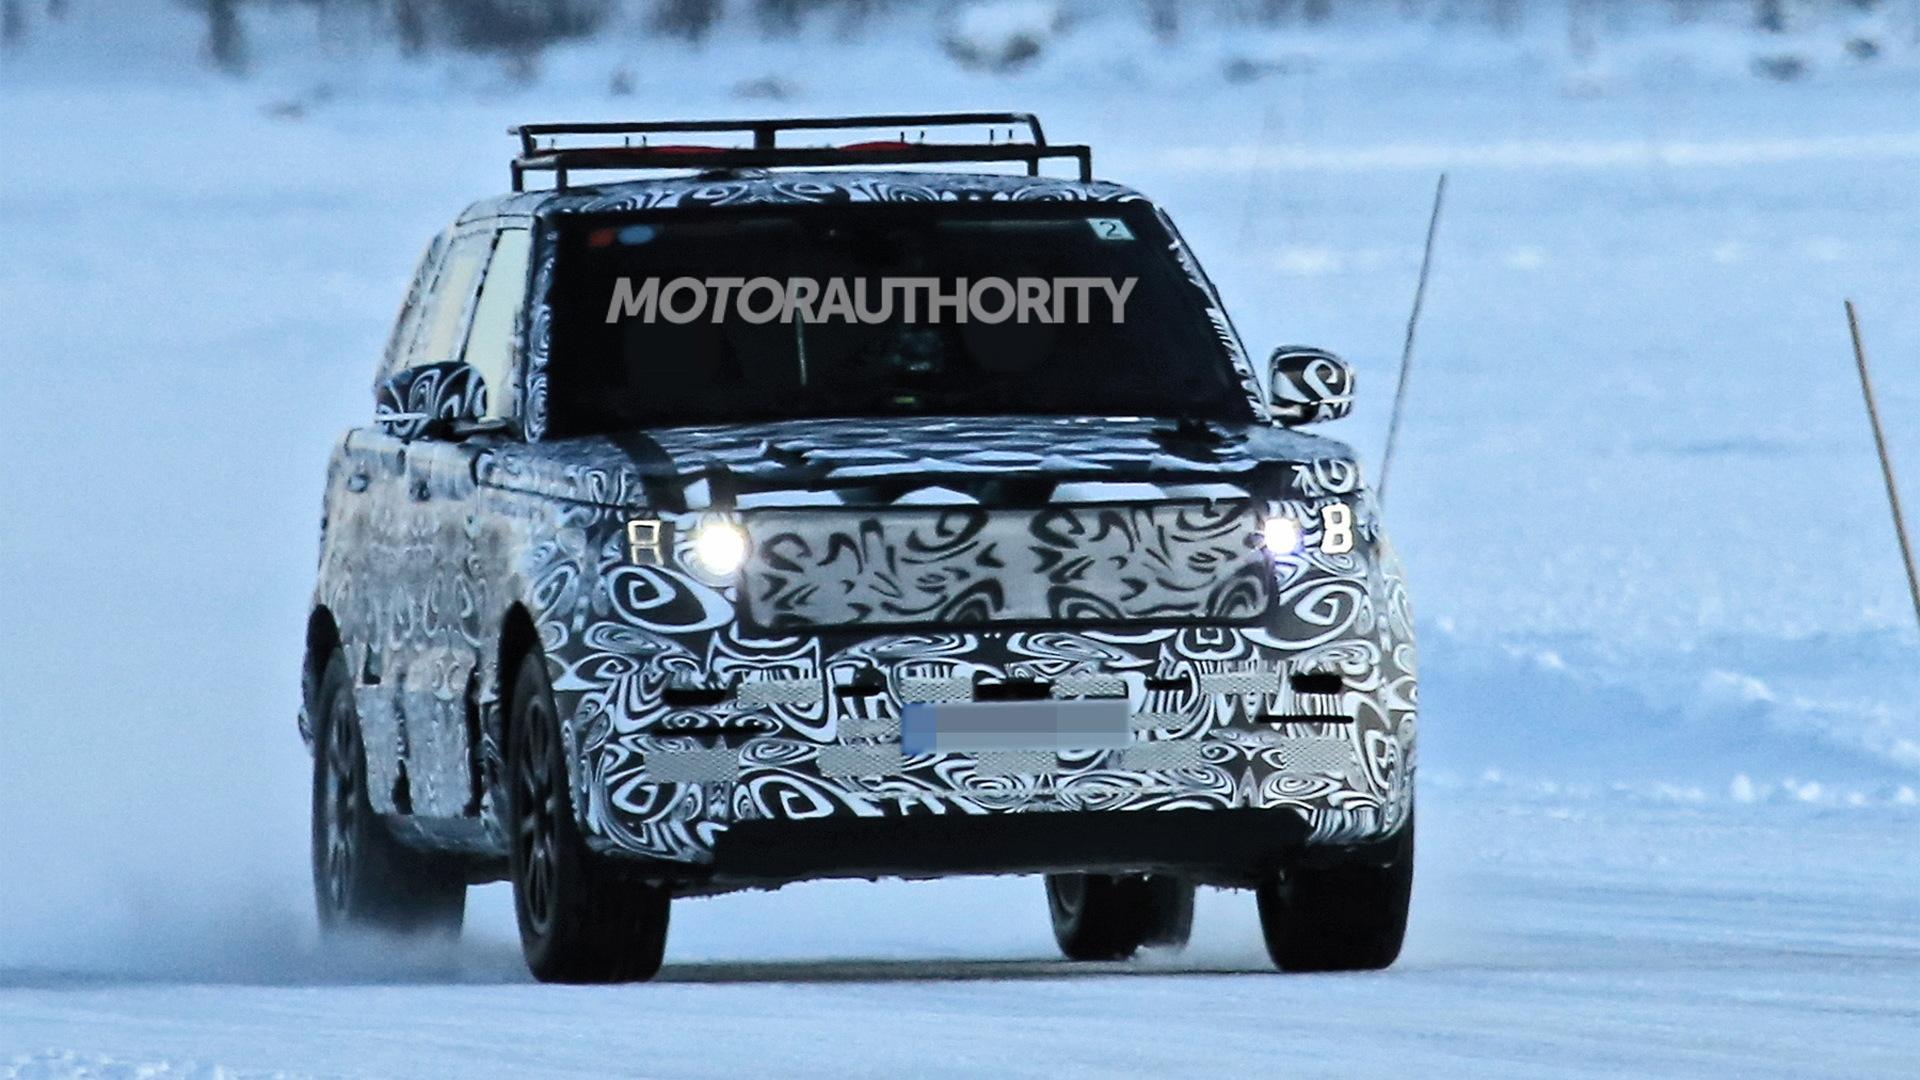 2022 Land Rover Range Rover spy shots - Photo credit: S. Baldauf/SB-Medien